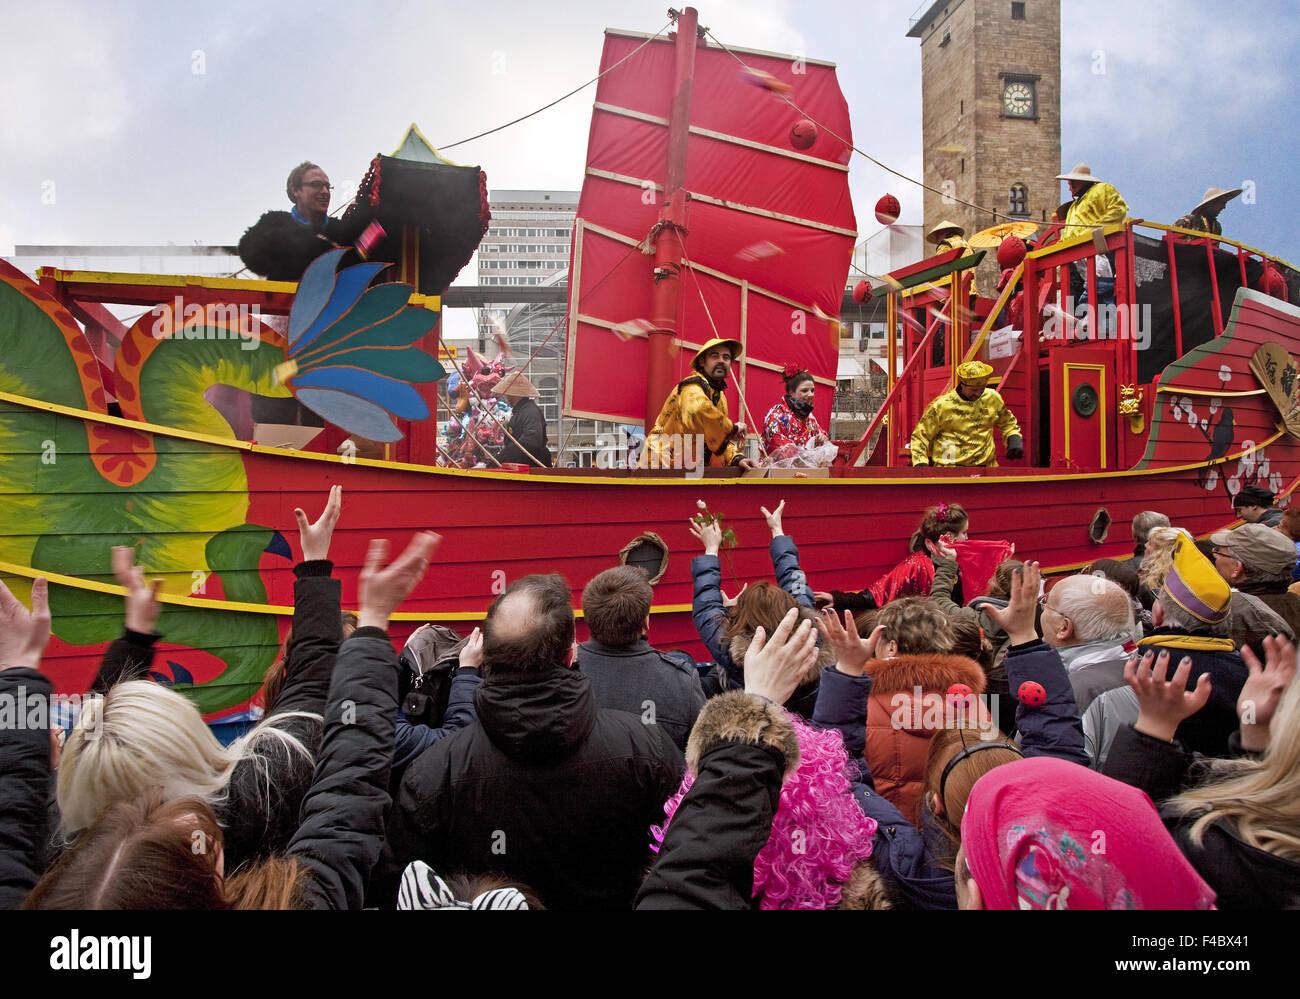 Desfile de Carnaval, Hagen, Alemania Imagen De Stock